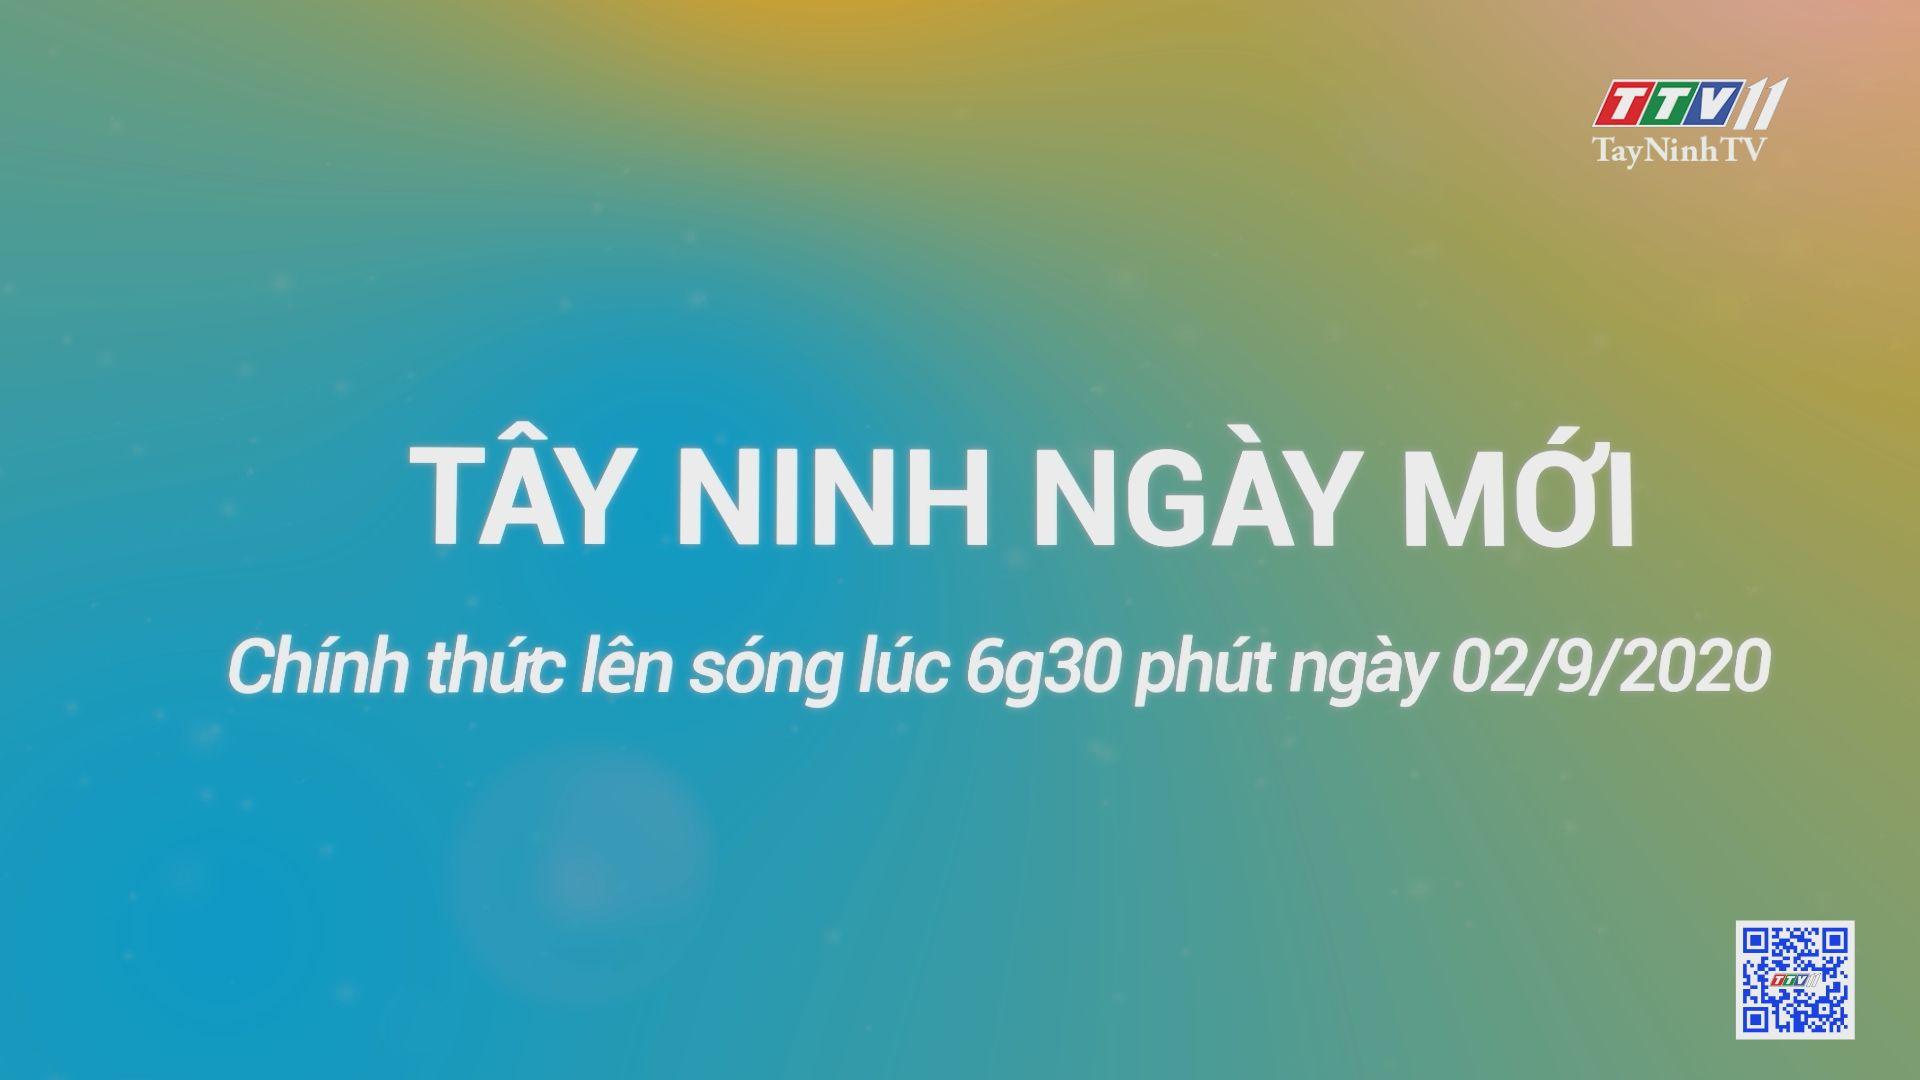 Tây Ninh ngày mới-Trailer | TayNinhTV